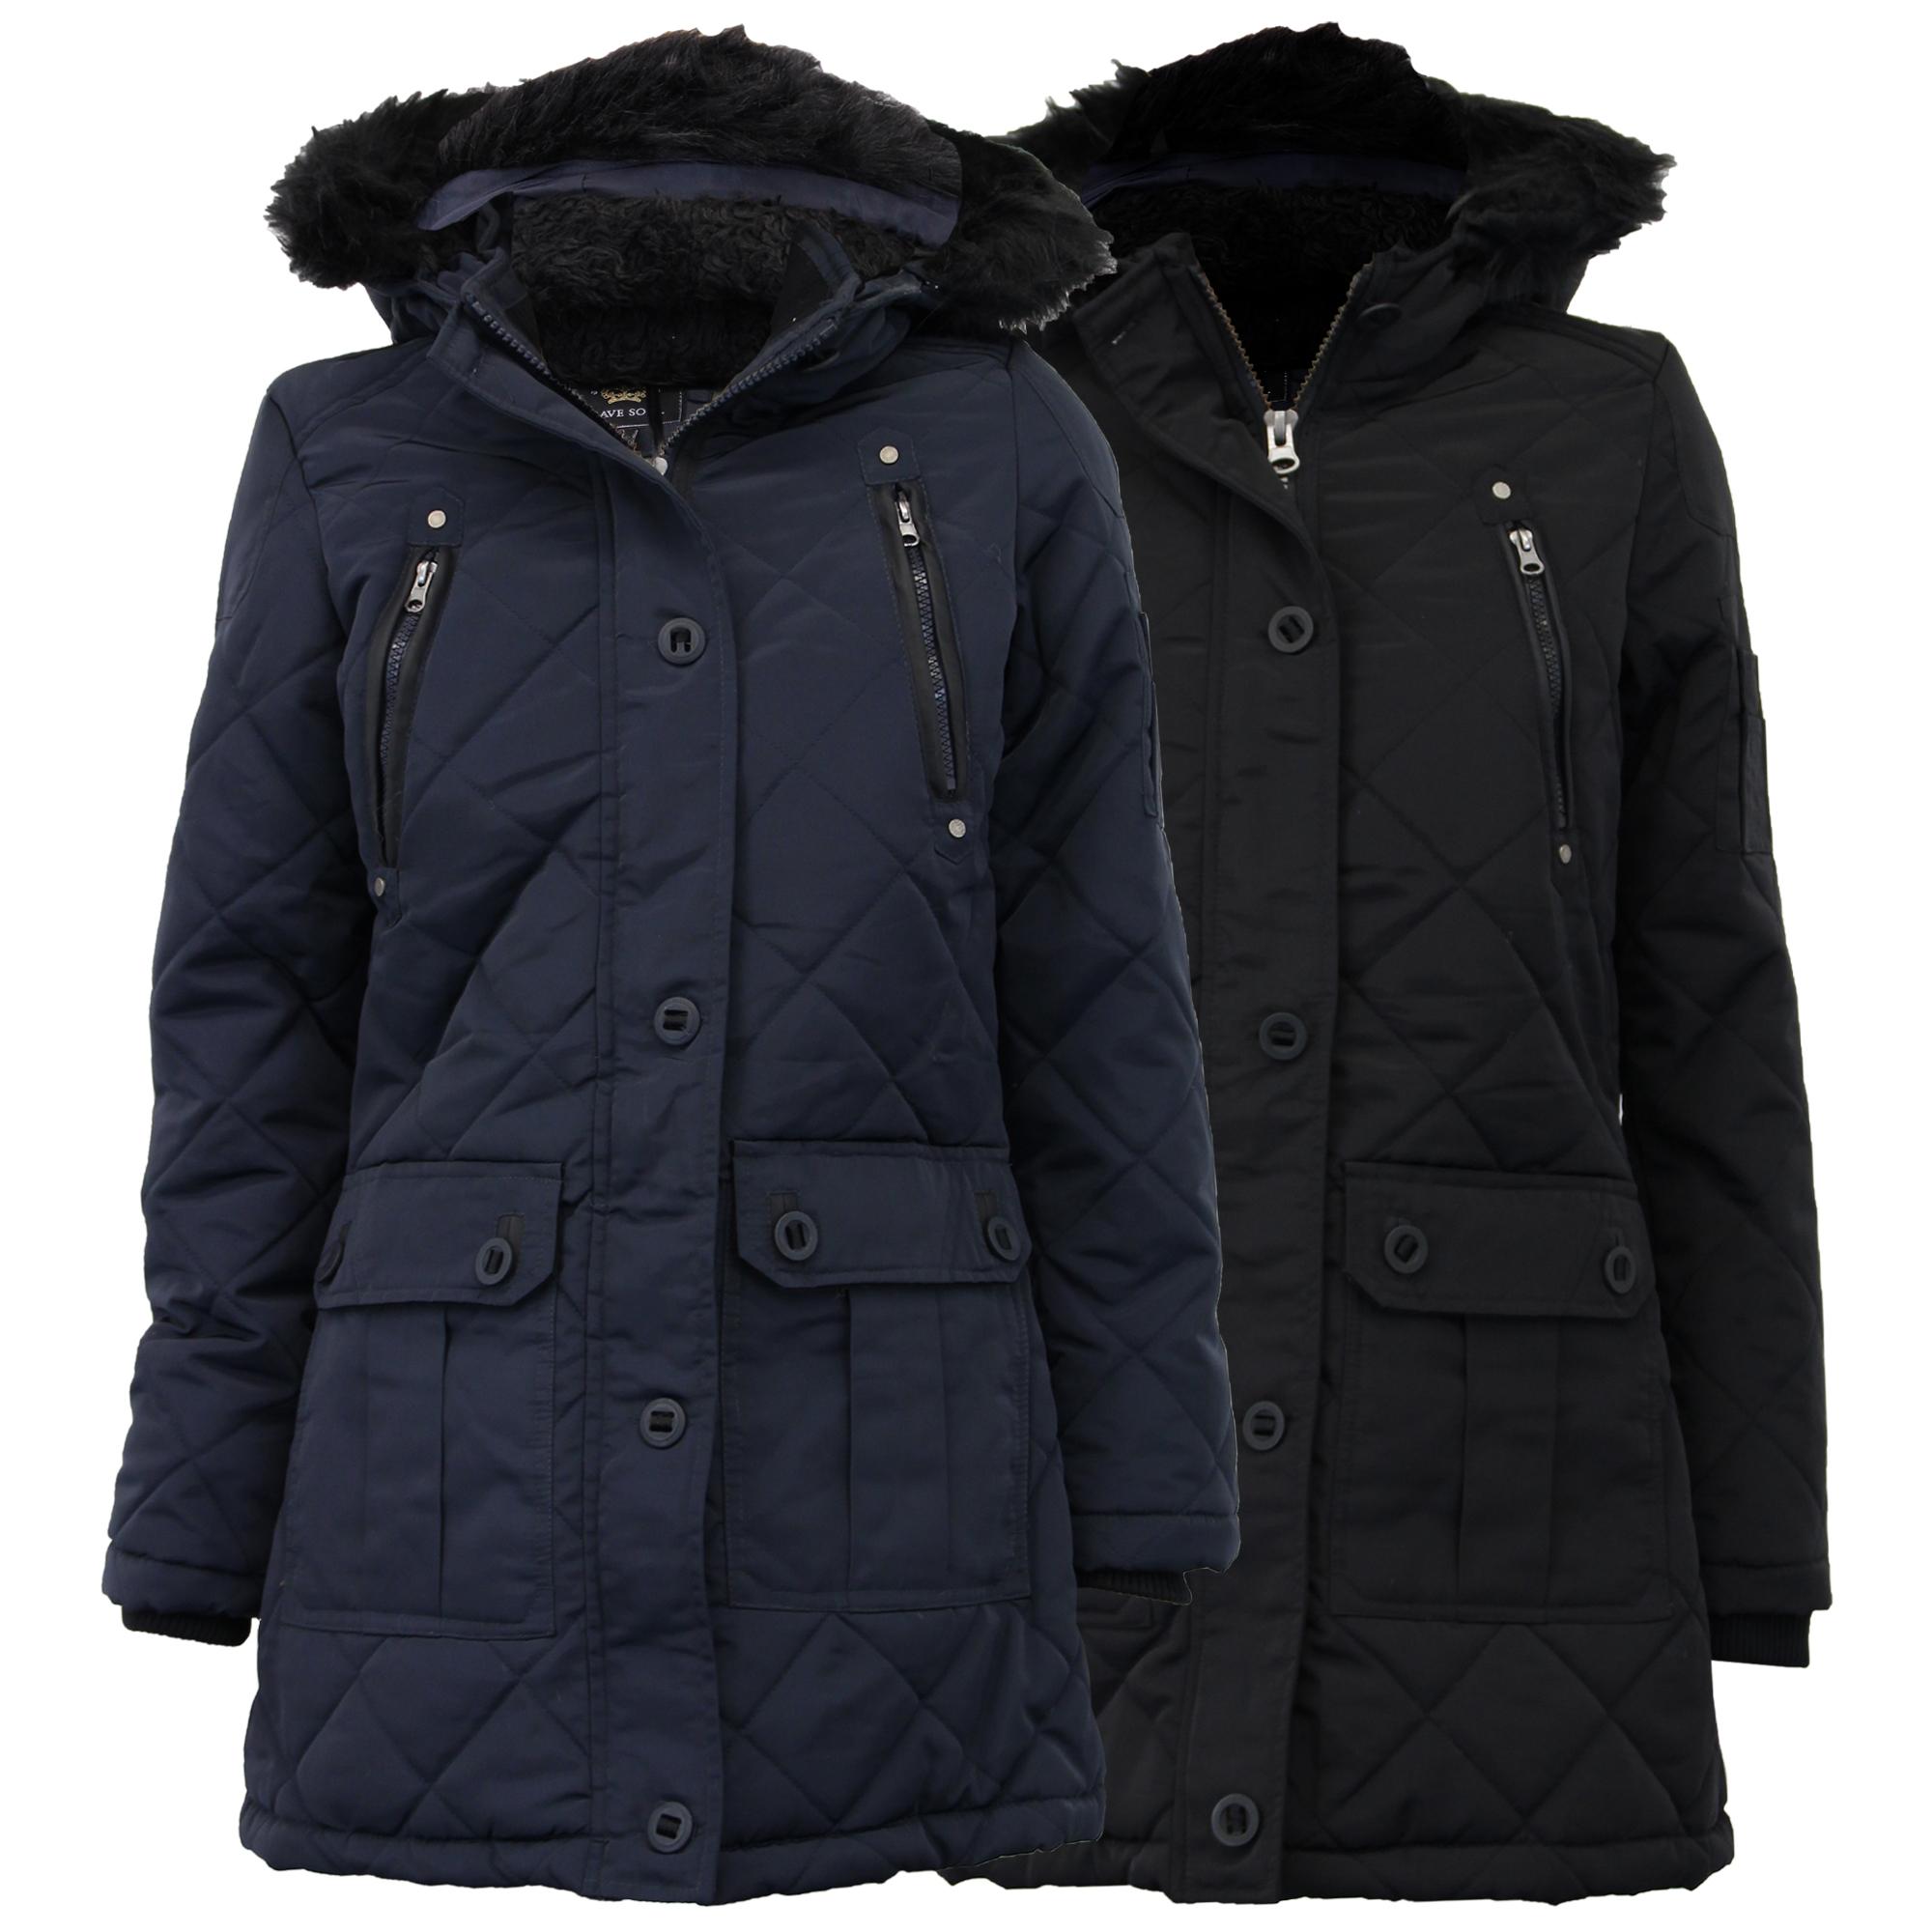 ladies parka jacket brave soul womens coat padded hooded. Black Bedroom Furniture Sets. Home Design Ideas